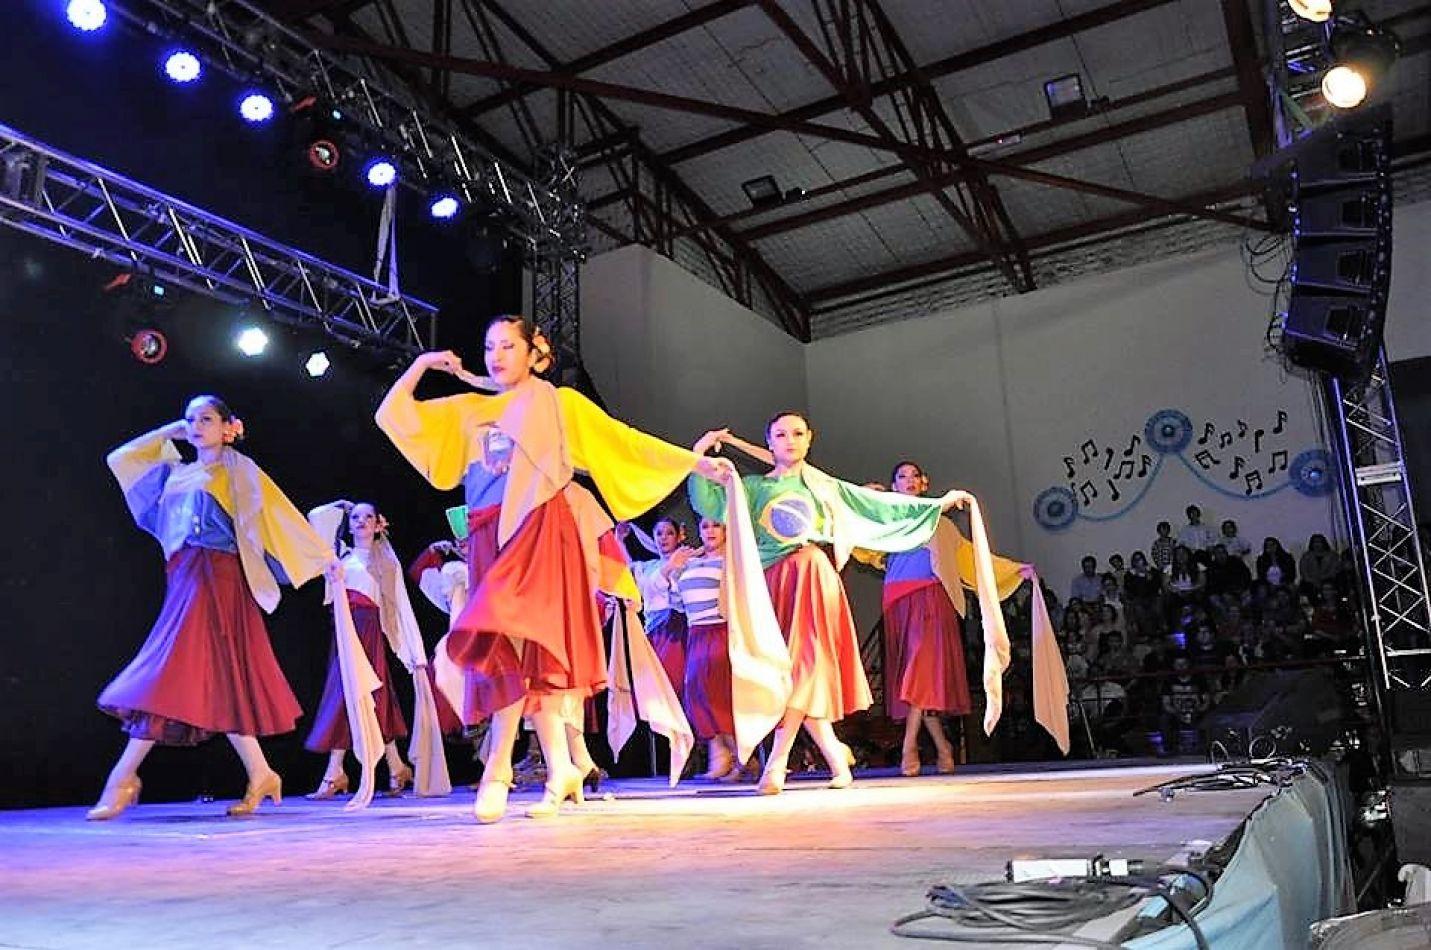 El ballet fueguino, se destaca en cada presentación.